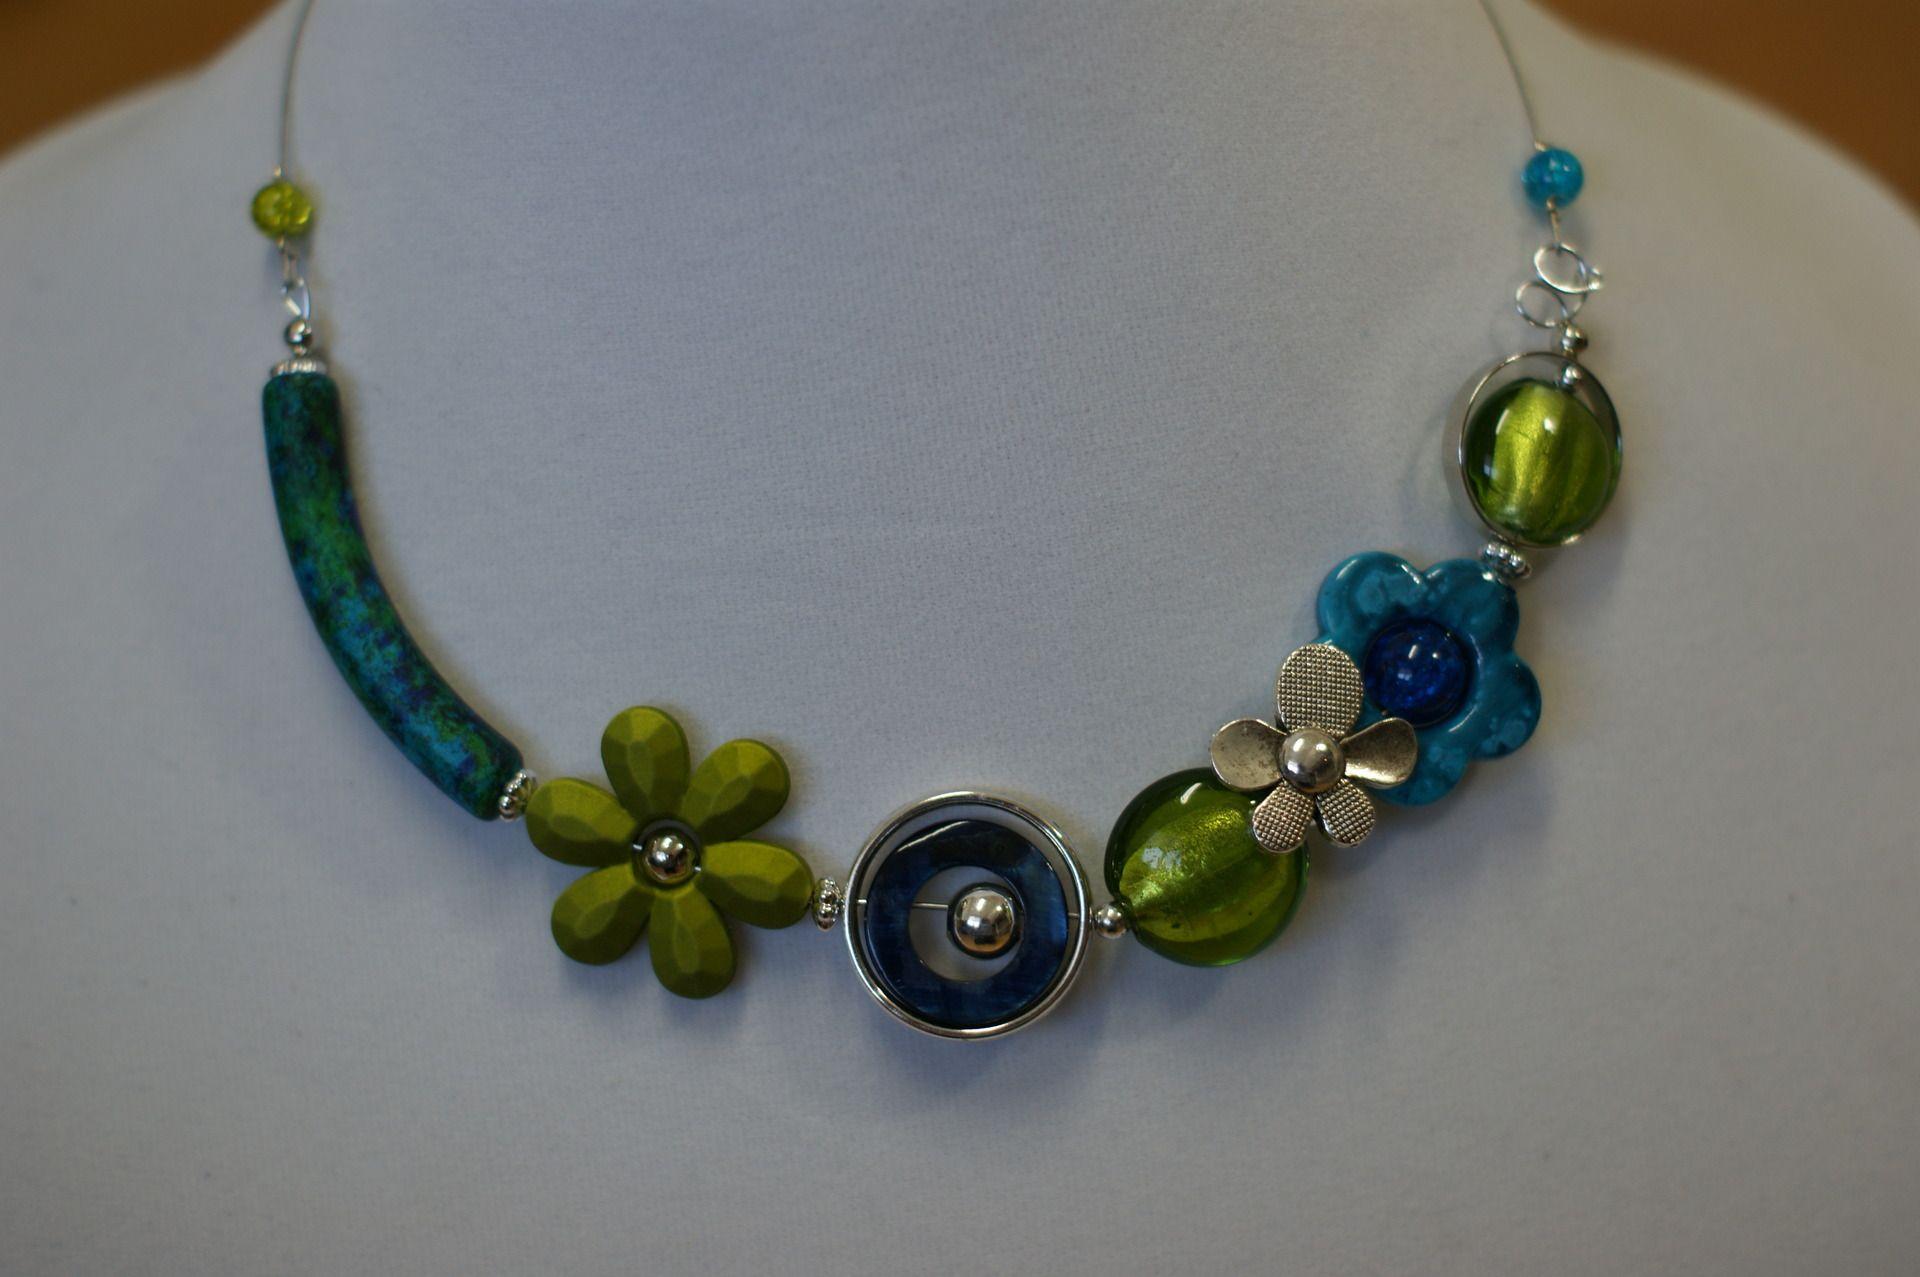 collier asym trique bleu turquoise et vert collier modern colliers asym triques. Black Bedroom Furniture Sets. Home Design Ideas